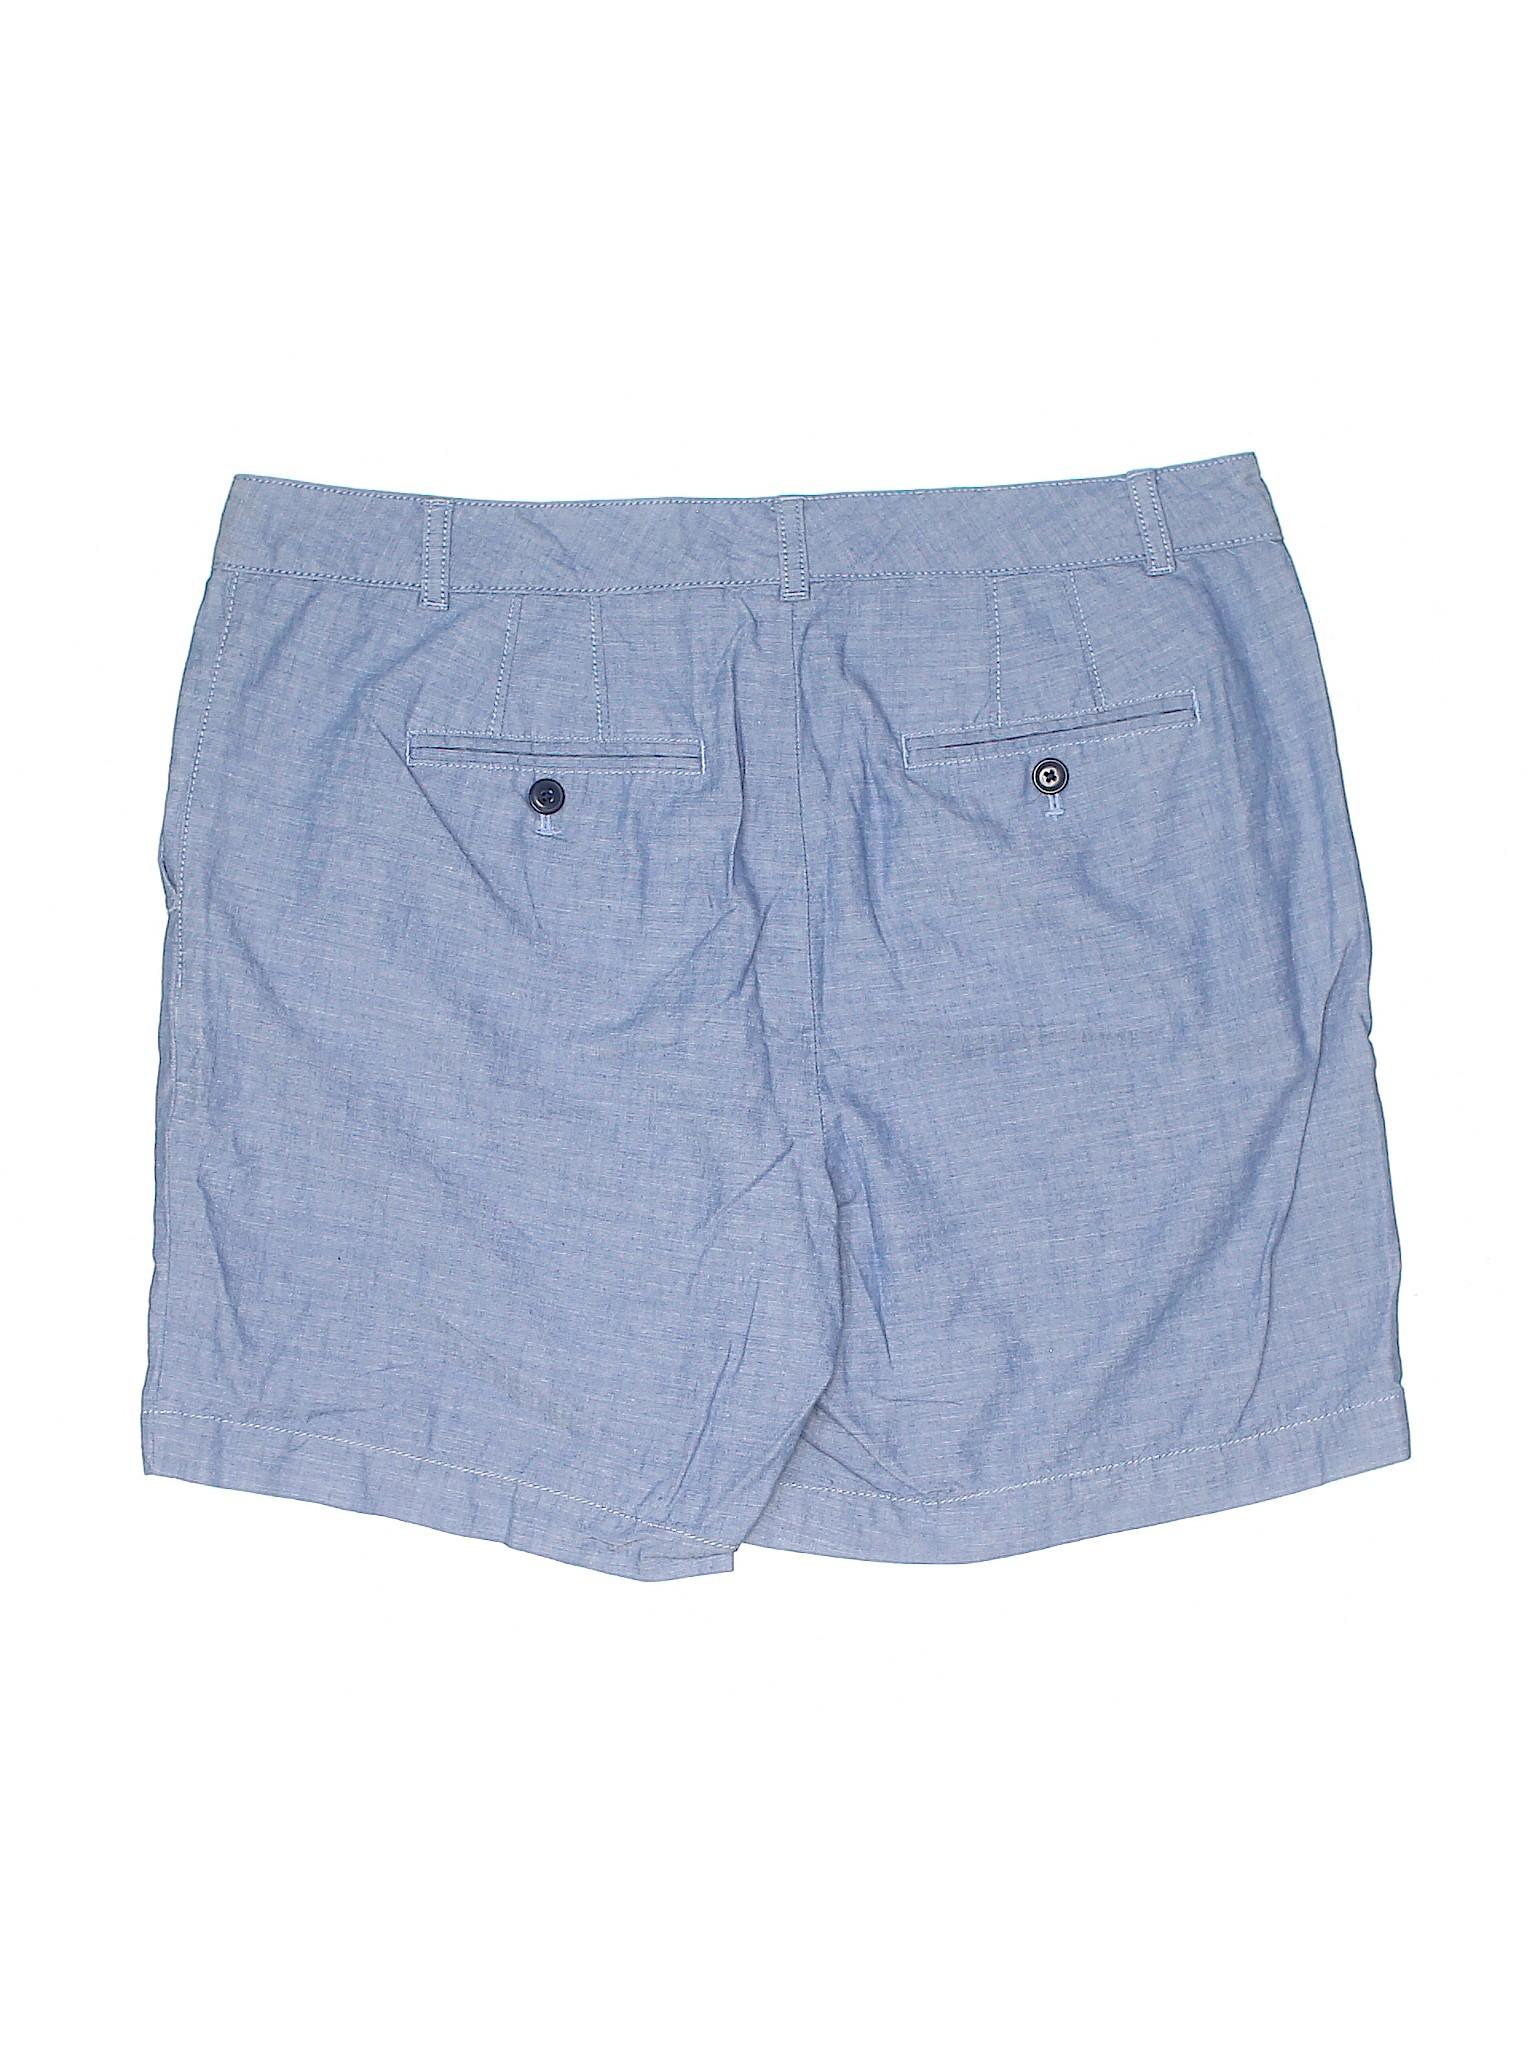 Talbots Boutique Shorts Boutique Shorts Talbots Shorts Boutique Talbots leisure leisure leisure qr4FrwIWXz